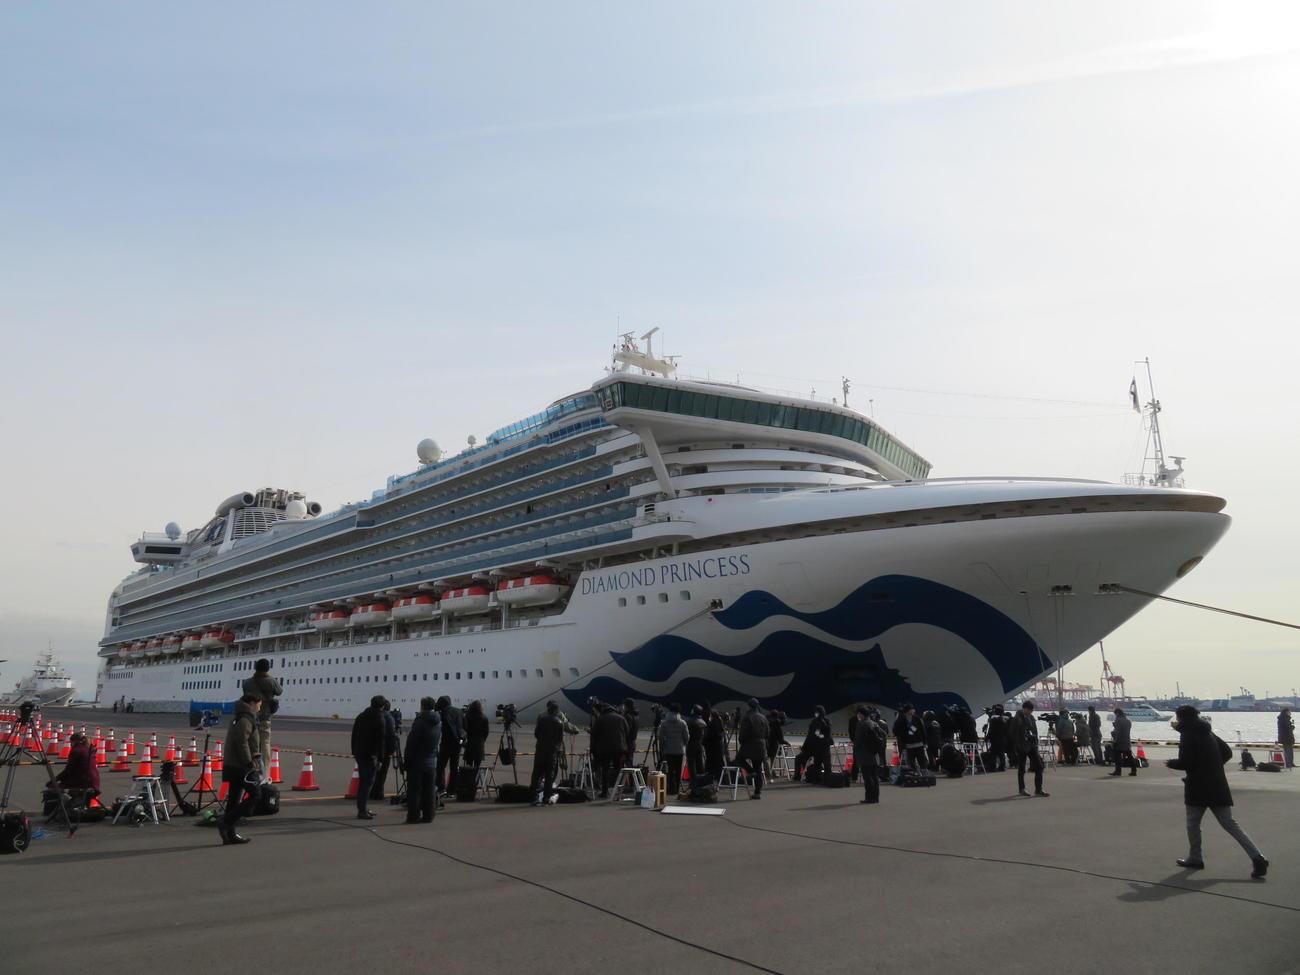 世界各国から報道陣が集まった、ダイヤモンド・プリンセスが接岸する横浜・大黒ふ頭